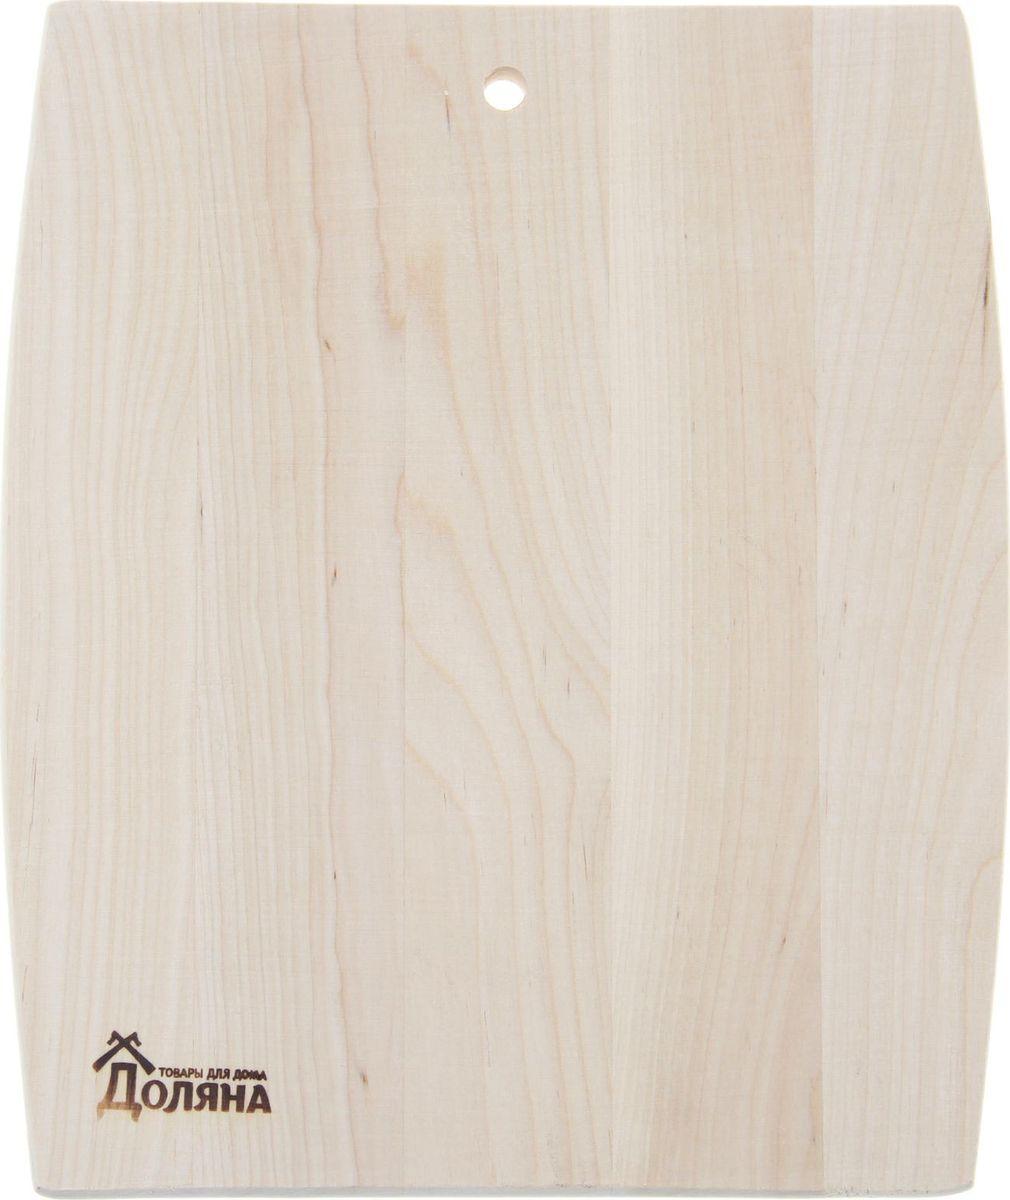 Доска разделочная Доляна Бочонок, 28 х 23 см1301847Доска разделочная Доляна Бочонок имеет приятный и естественный цвет. Она может служить прекрасной подставкой для горячего. Доска из качественного дерева по праву считается самой надежной: она имеет высокую прочность, устойчива к сильным нагрузкам. Используя ее, вы не затупите ножи. Разделочная доска не разбухает в воде, не впитывает влагу, устойчива к запахам. Чтобы ваша доска служила вам верой и правдой долгие годы, советуем следовать простым правилам. Они помогут вам сохранить ее внешний вид и все потребительские качества:допускается только ручное мытье, не кладите доску в посудомоечную машинку; не оставляйте разделочную доску отмокать в воде, мойте ее только проточной водой до или после остальной посуды; отмывать доску необходимо под горячей водой, а ополаскивать - в холодной; сушите доску на воздухе, в подвешенном состоянии; для дезинфекции раз в месяц протирайте доску разведенным уксусом или лимонным соком.Если вы будете грамотно заботиться о своих кухонных помощниках, любой процесс приготовления пищи станет легким и приятным.Специальное отверстие в верхней части позволит подвесить разделочную доску на стену для удобства хранения.